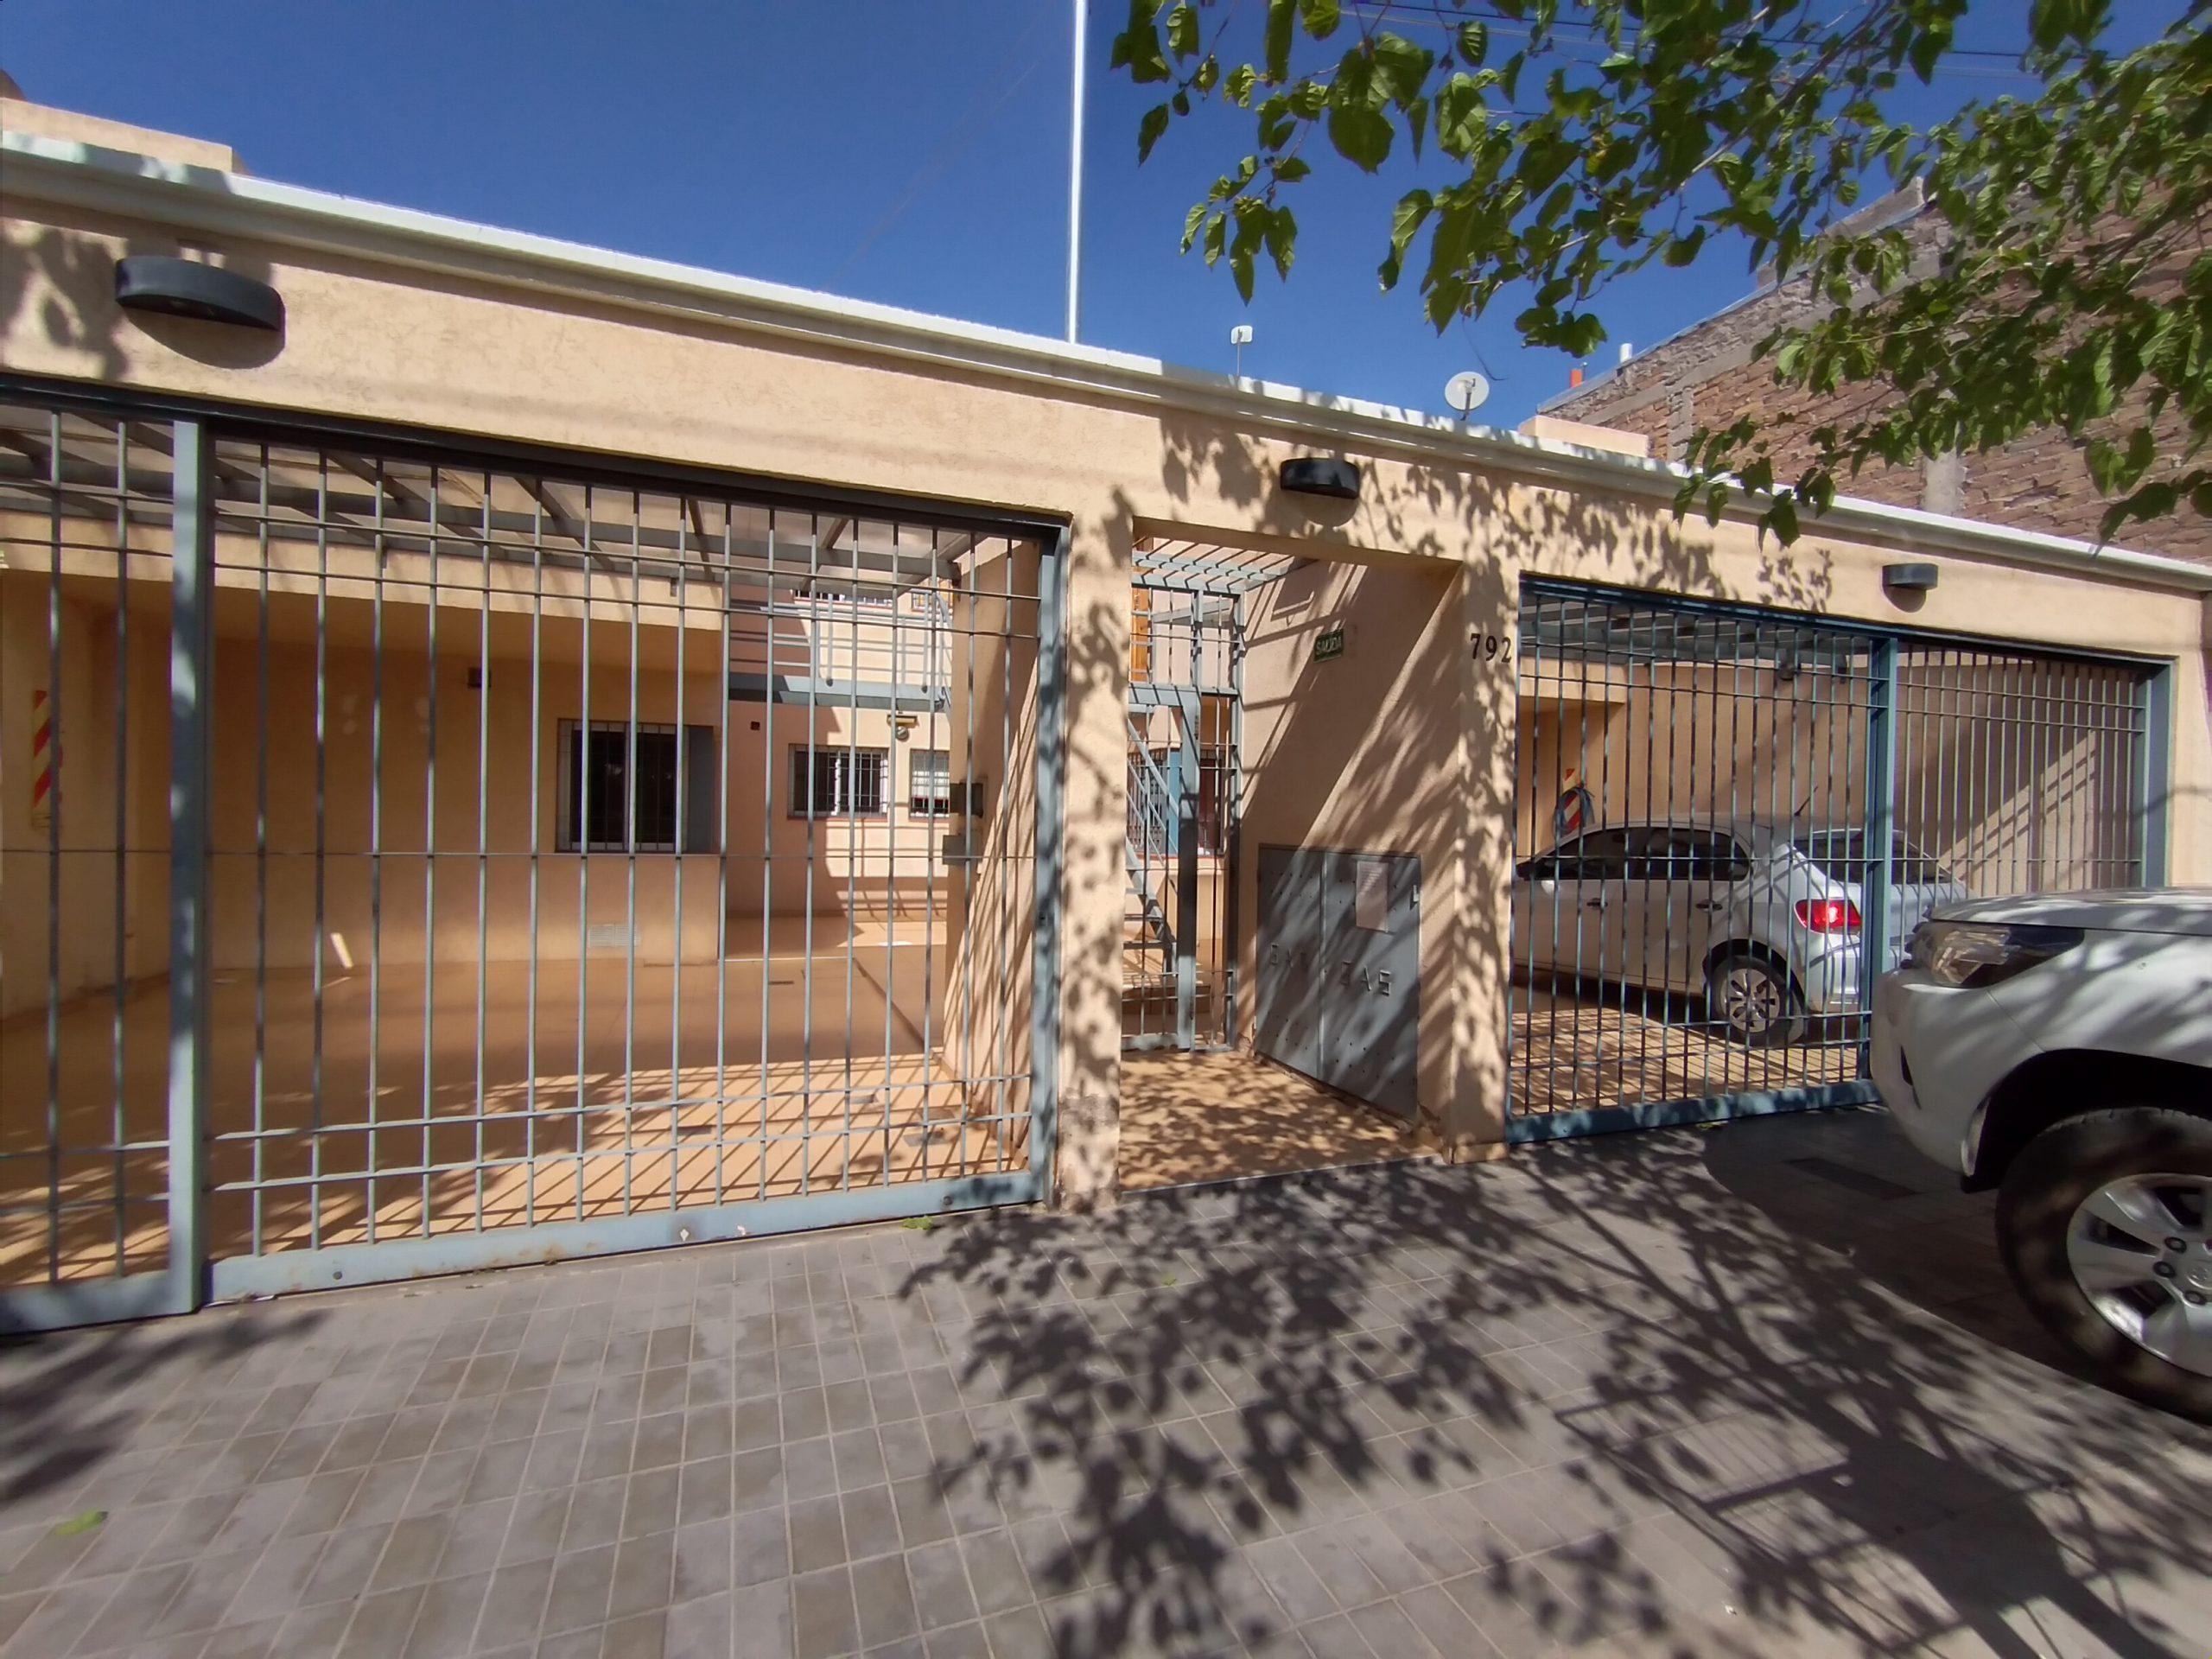 Departamento DUPLEX calle Cangallo y Rodriguez Peña, Gllén.-